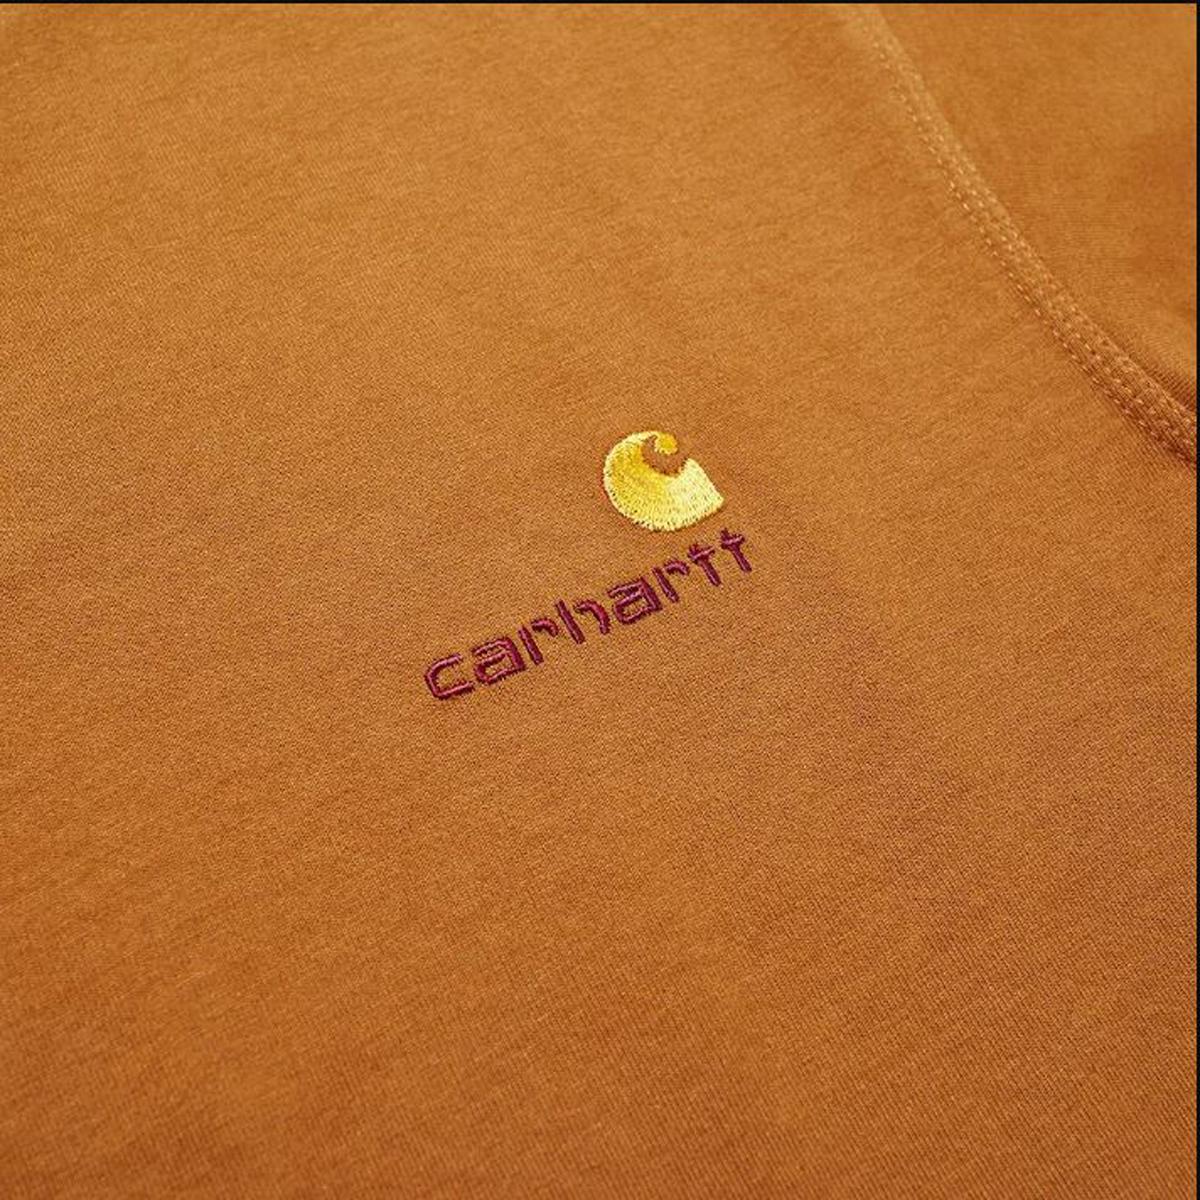 Carhartt WIP American Script Tee